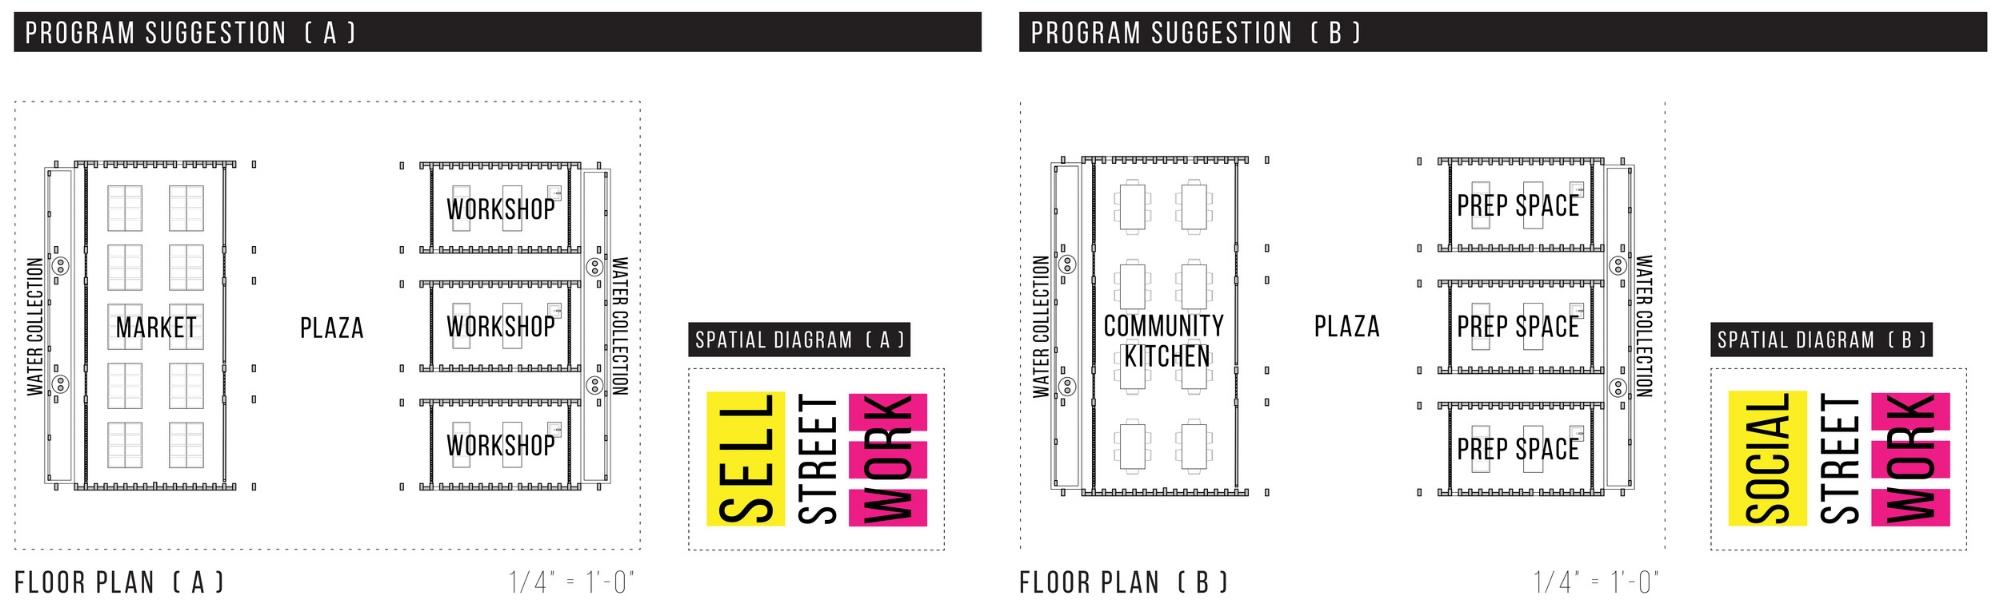 floor plans_combined.jpg